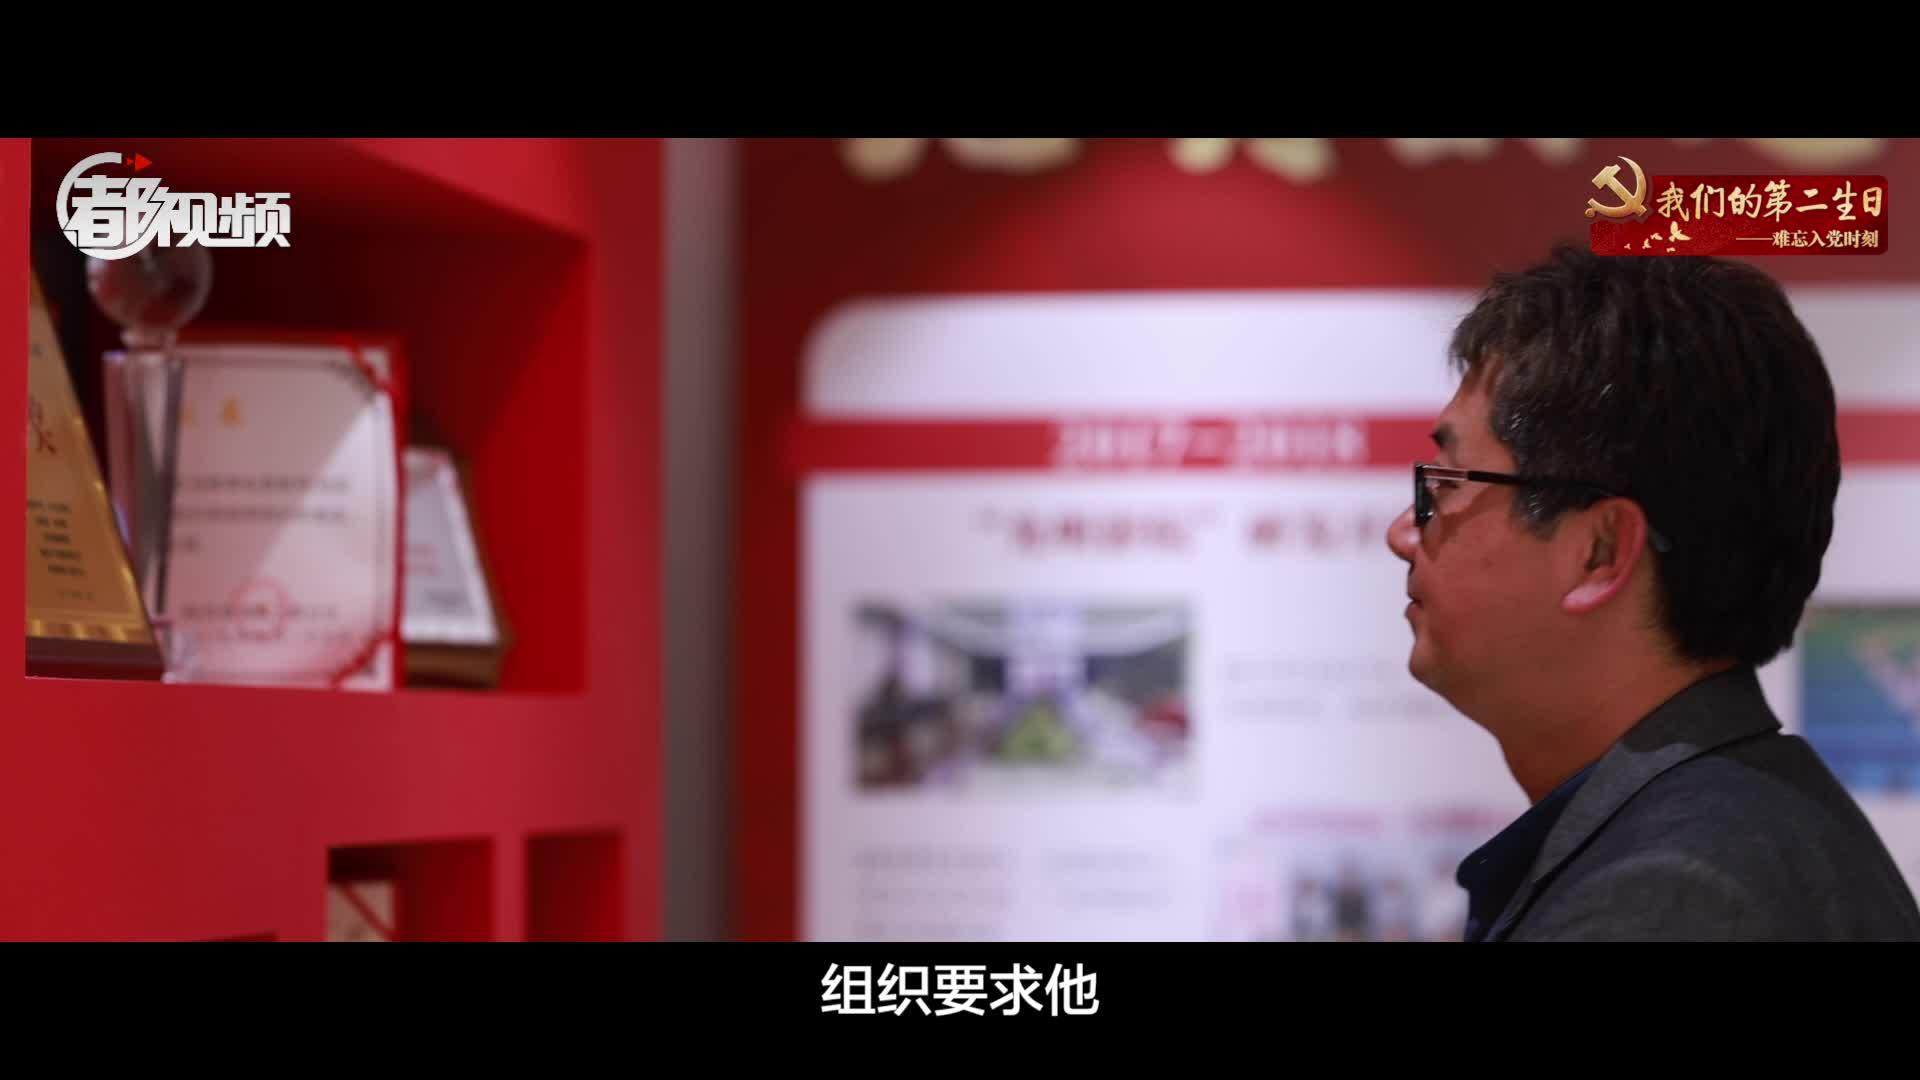 我们的第二生日 中国传媒大学秦瑜明:我希望能为每个人全面自由的发展,贡献自己的力量